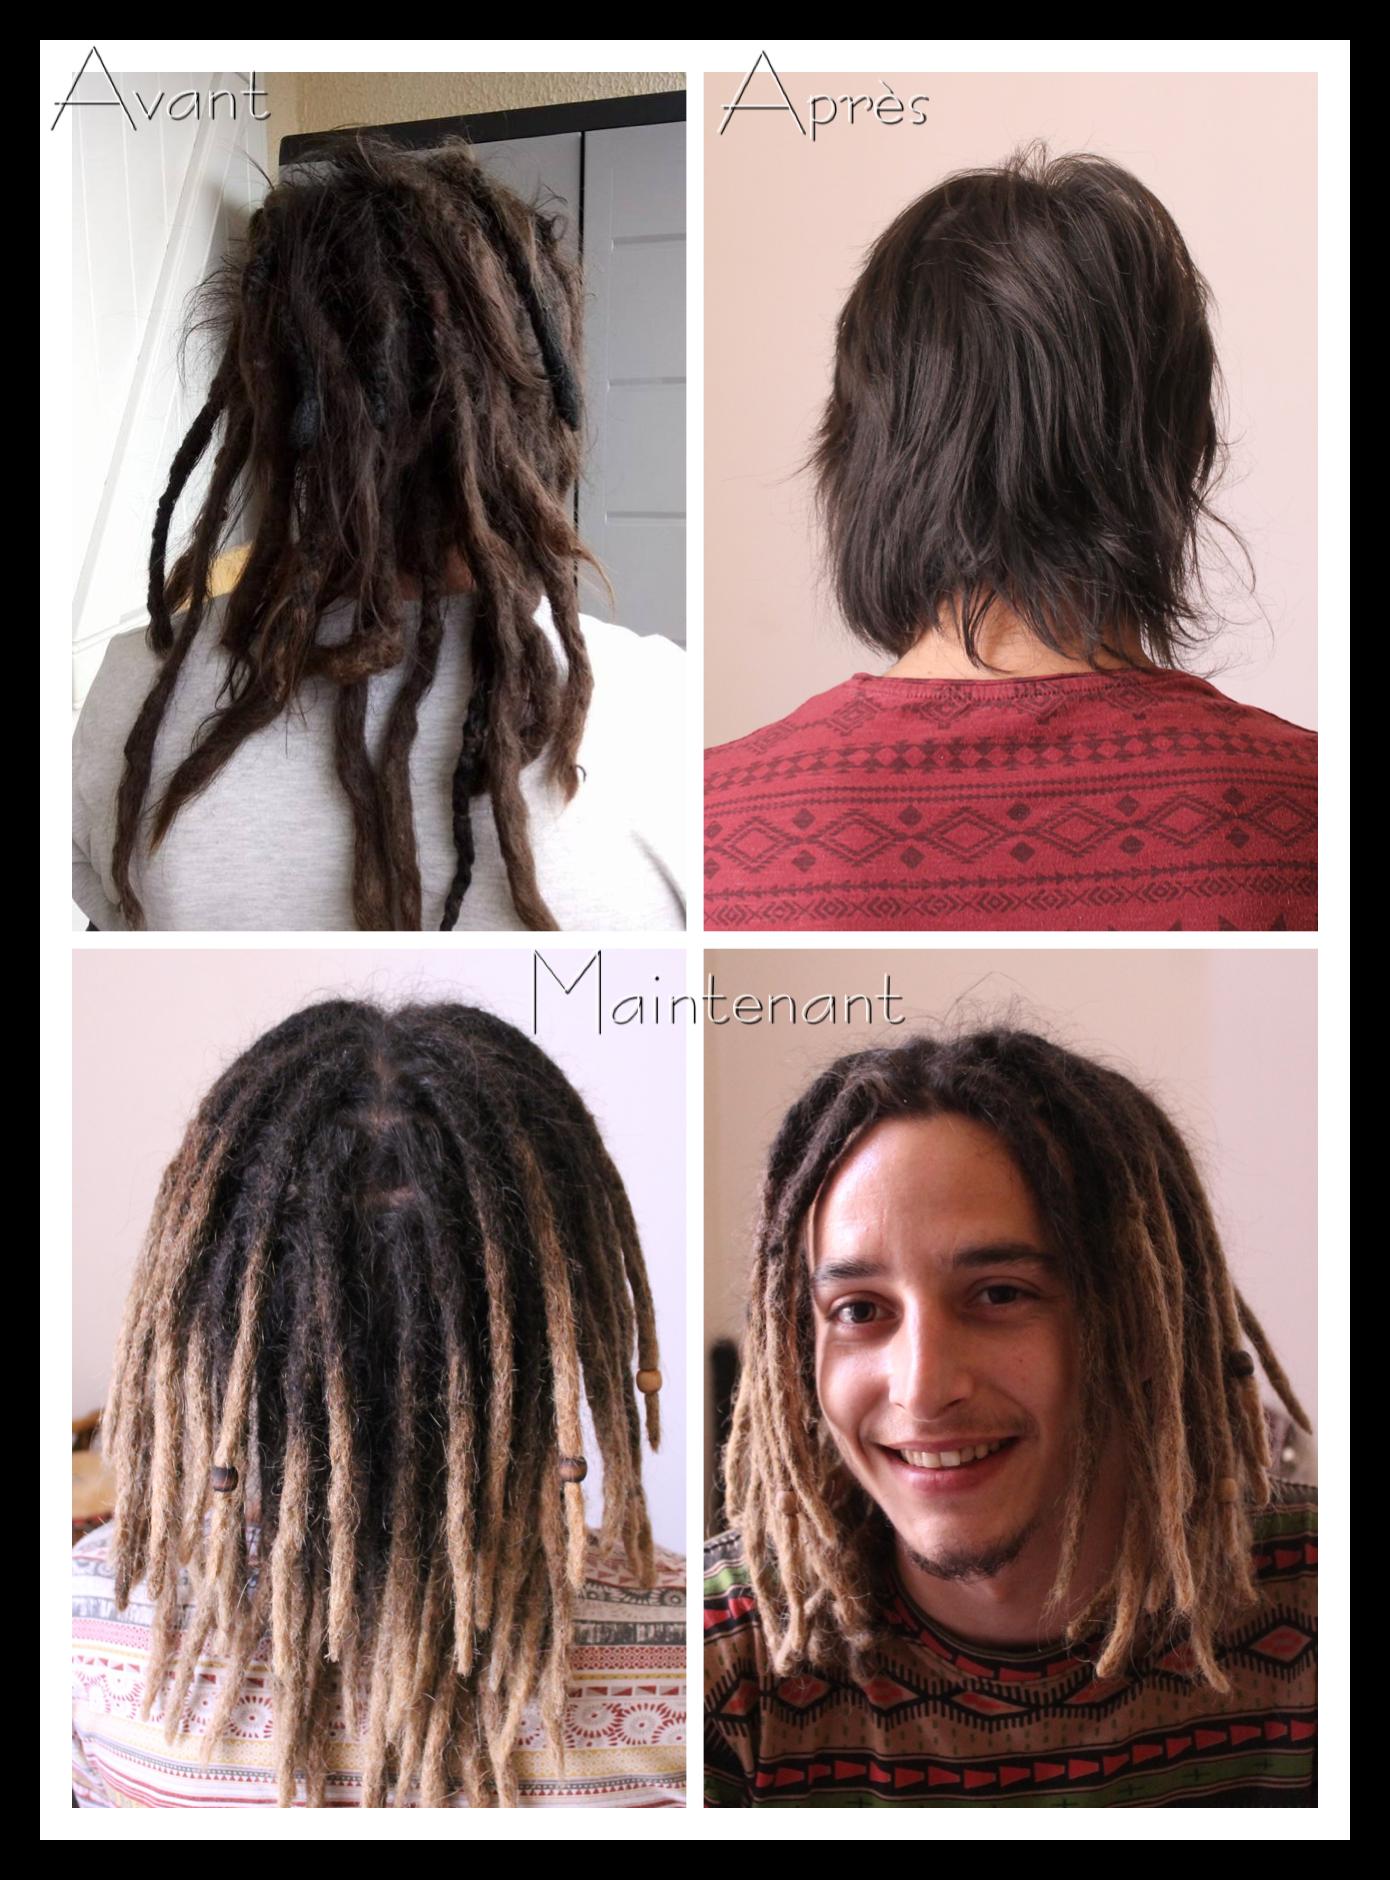 Avant Et Apres Before And After La Pose Des Extensions Des Vrais Cheveux Real Hair Dreadlocks Extensions By Dread Hairstyles Cool Hairstyles Hair Styles